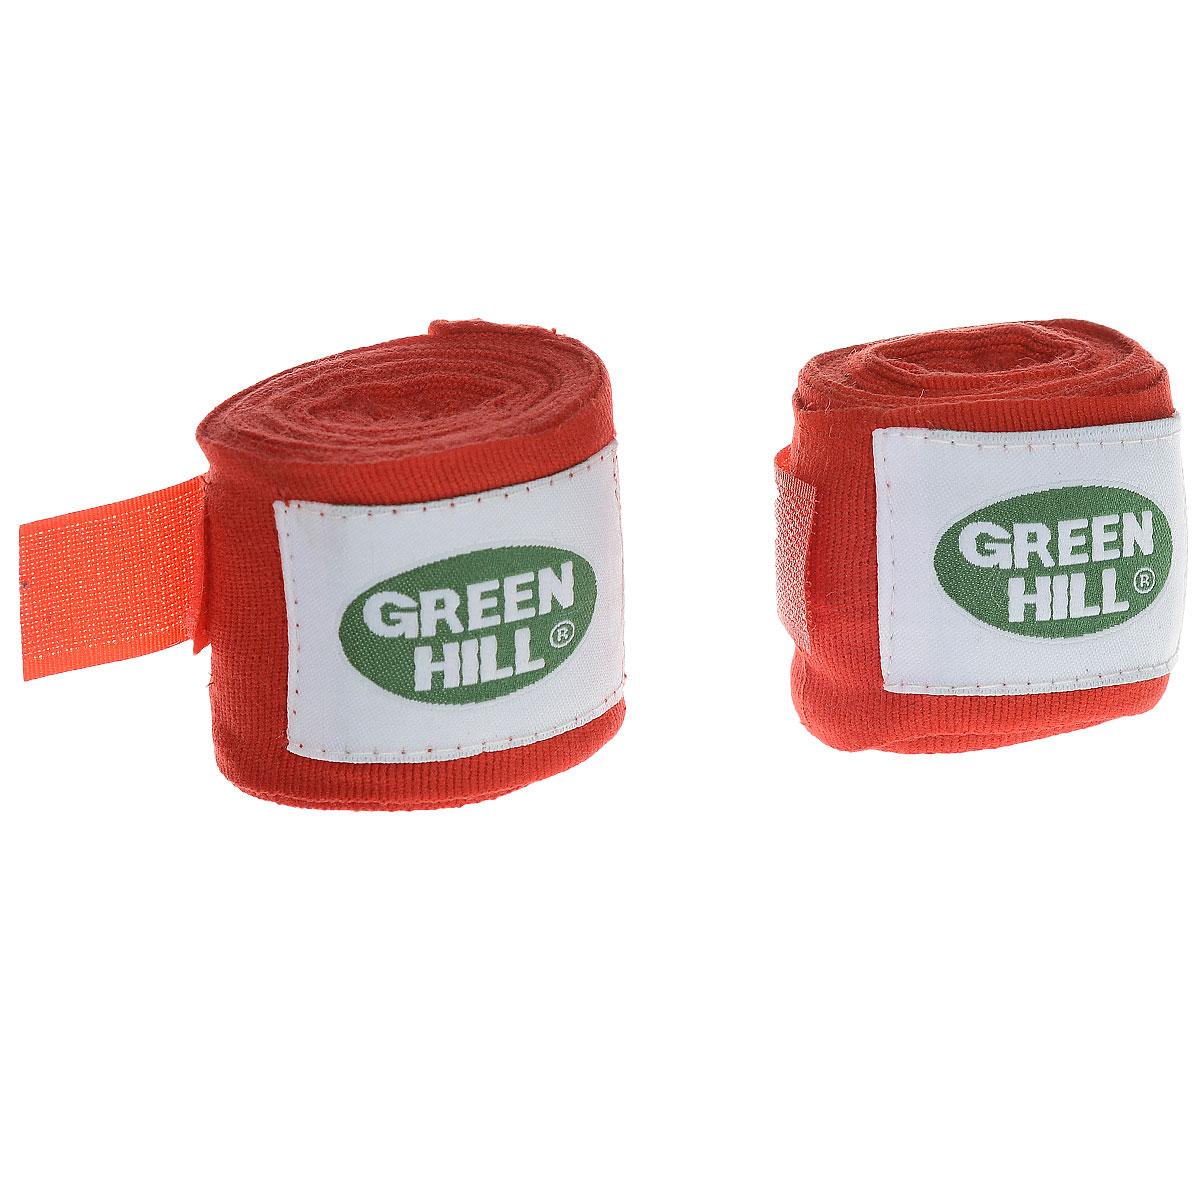 Бинты боксерские Green Hill, эластик, цвет: красный, 2,5 м, 2 штВР-6232-25Бинты Green Hill предназначены для защиты запястья во время занятий боксом. Изготовлены из высококачественного хлопка с добавлением эластана. Бинты надежно закрепляются на руке застежкой на липучке.Длина бинтов: 2,5 м.